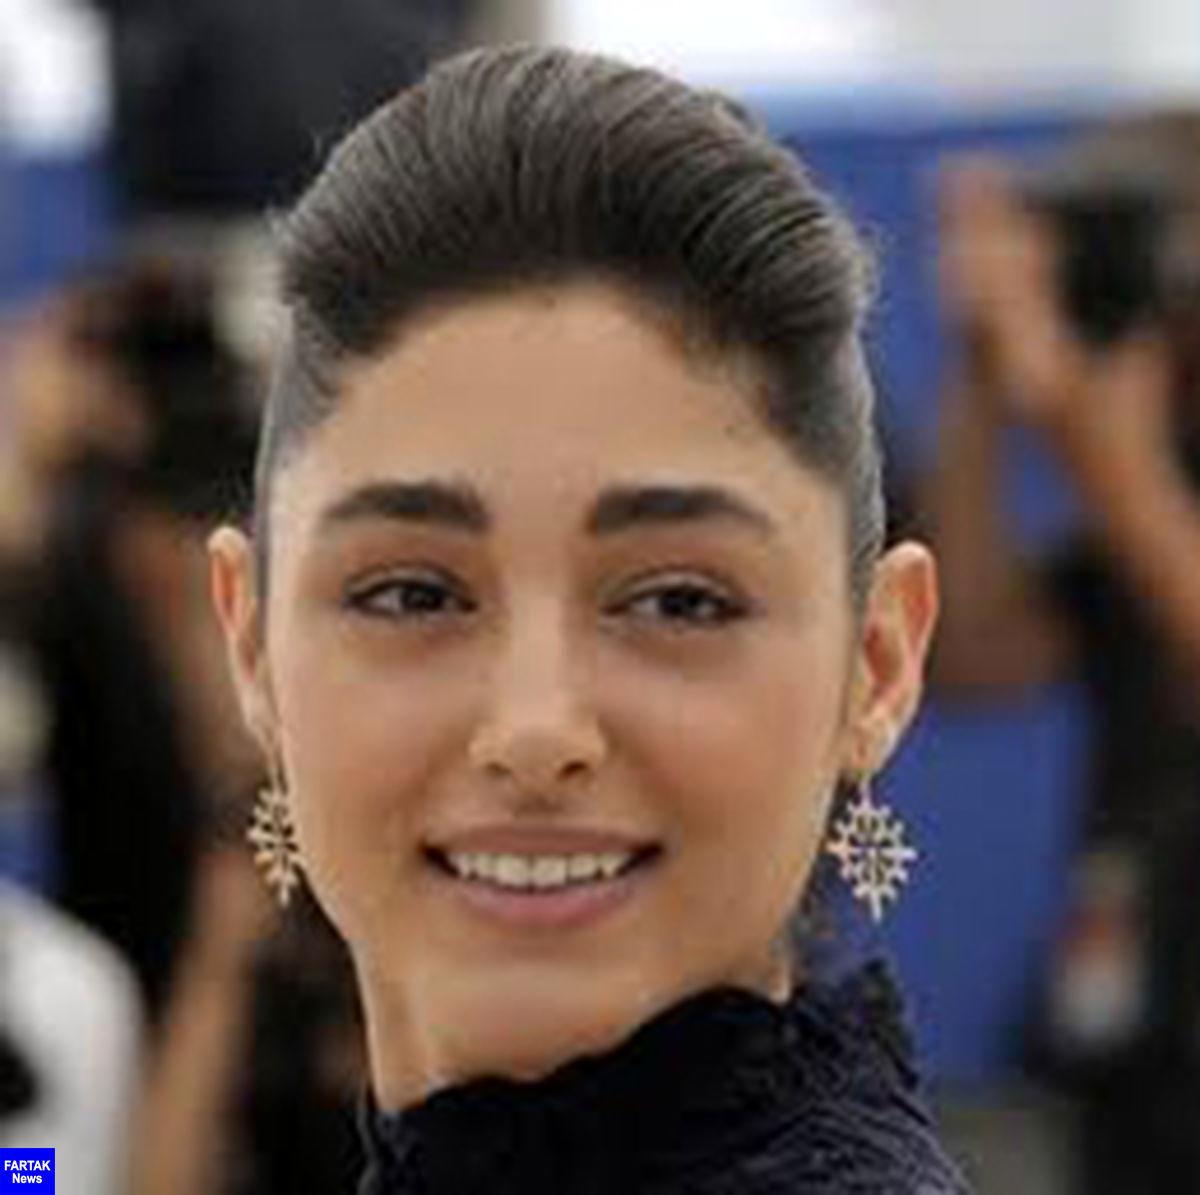 گلشیفته فراهانی زیباترین زن جهان شد + عکس